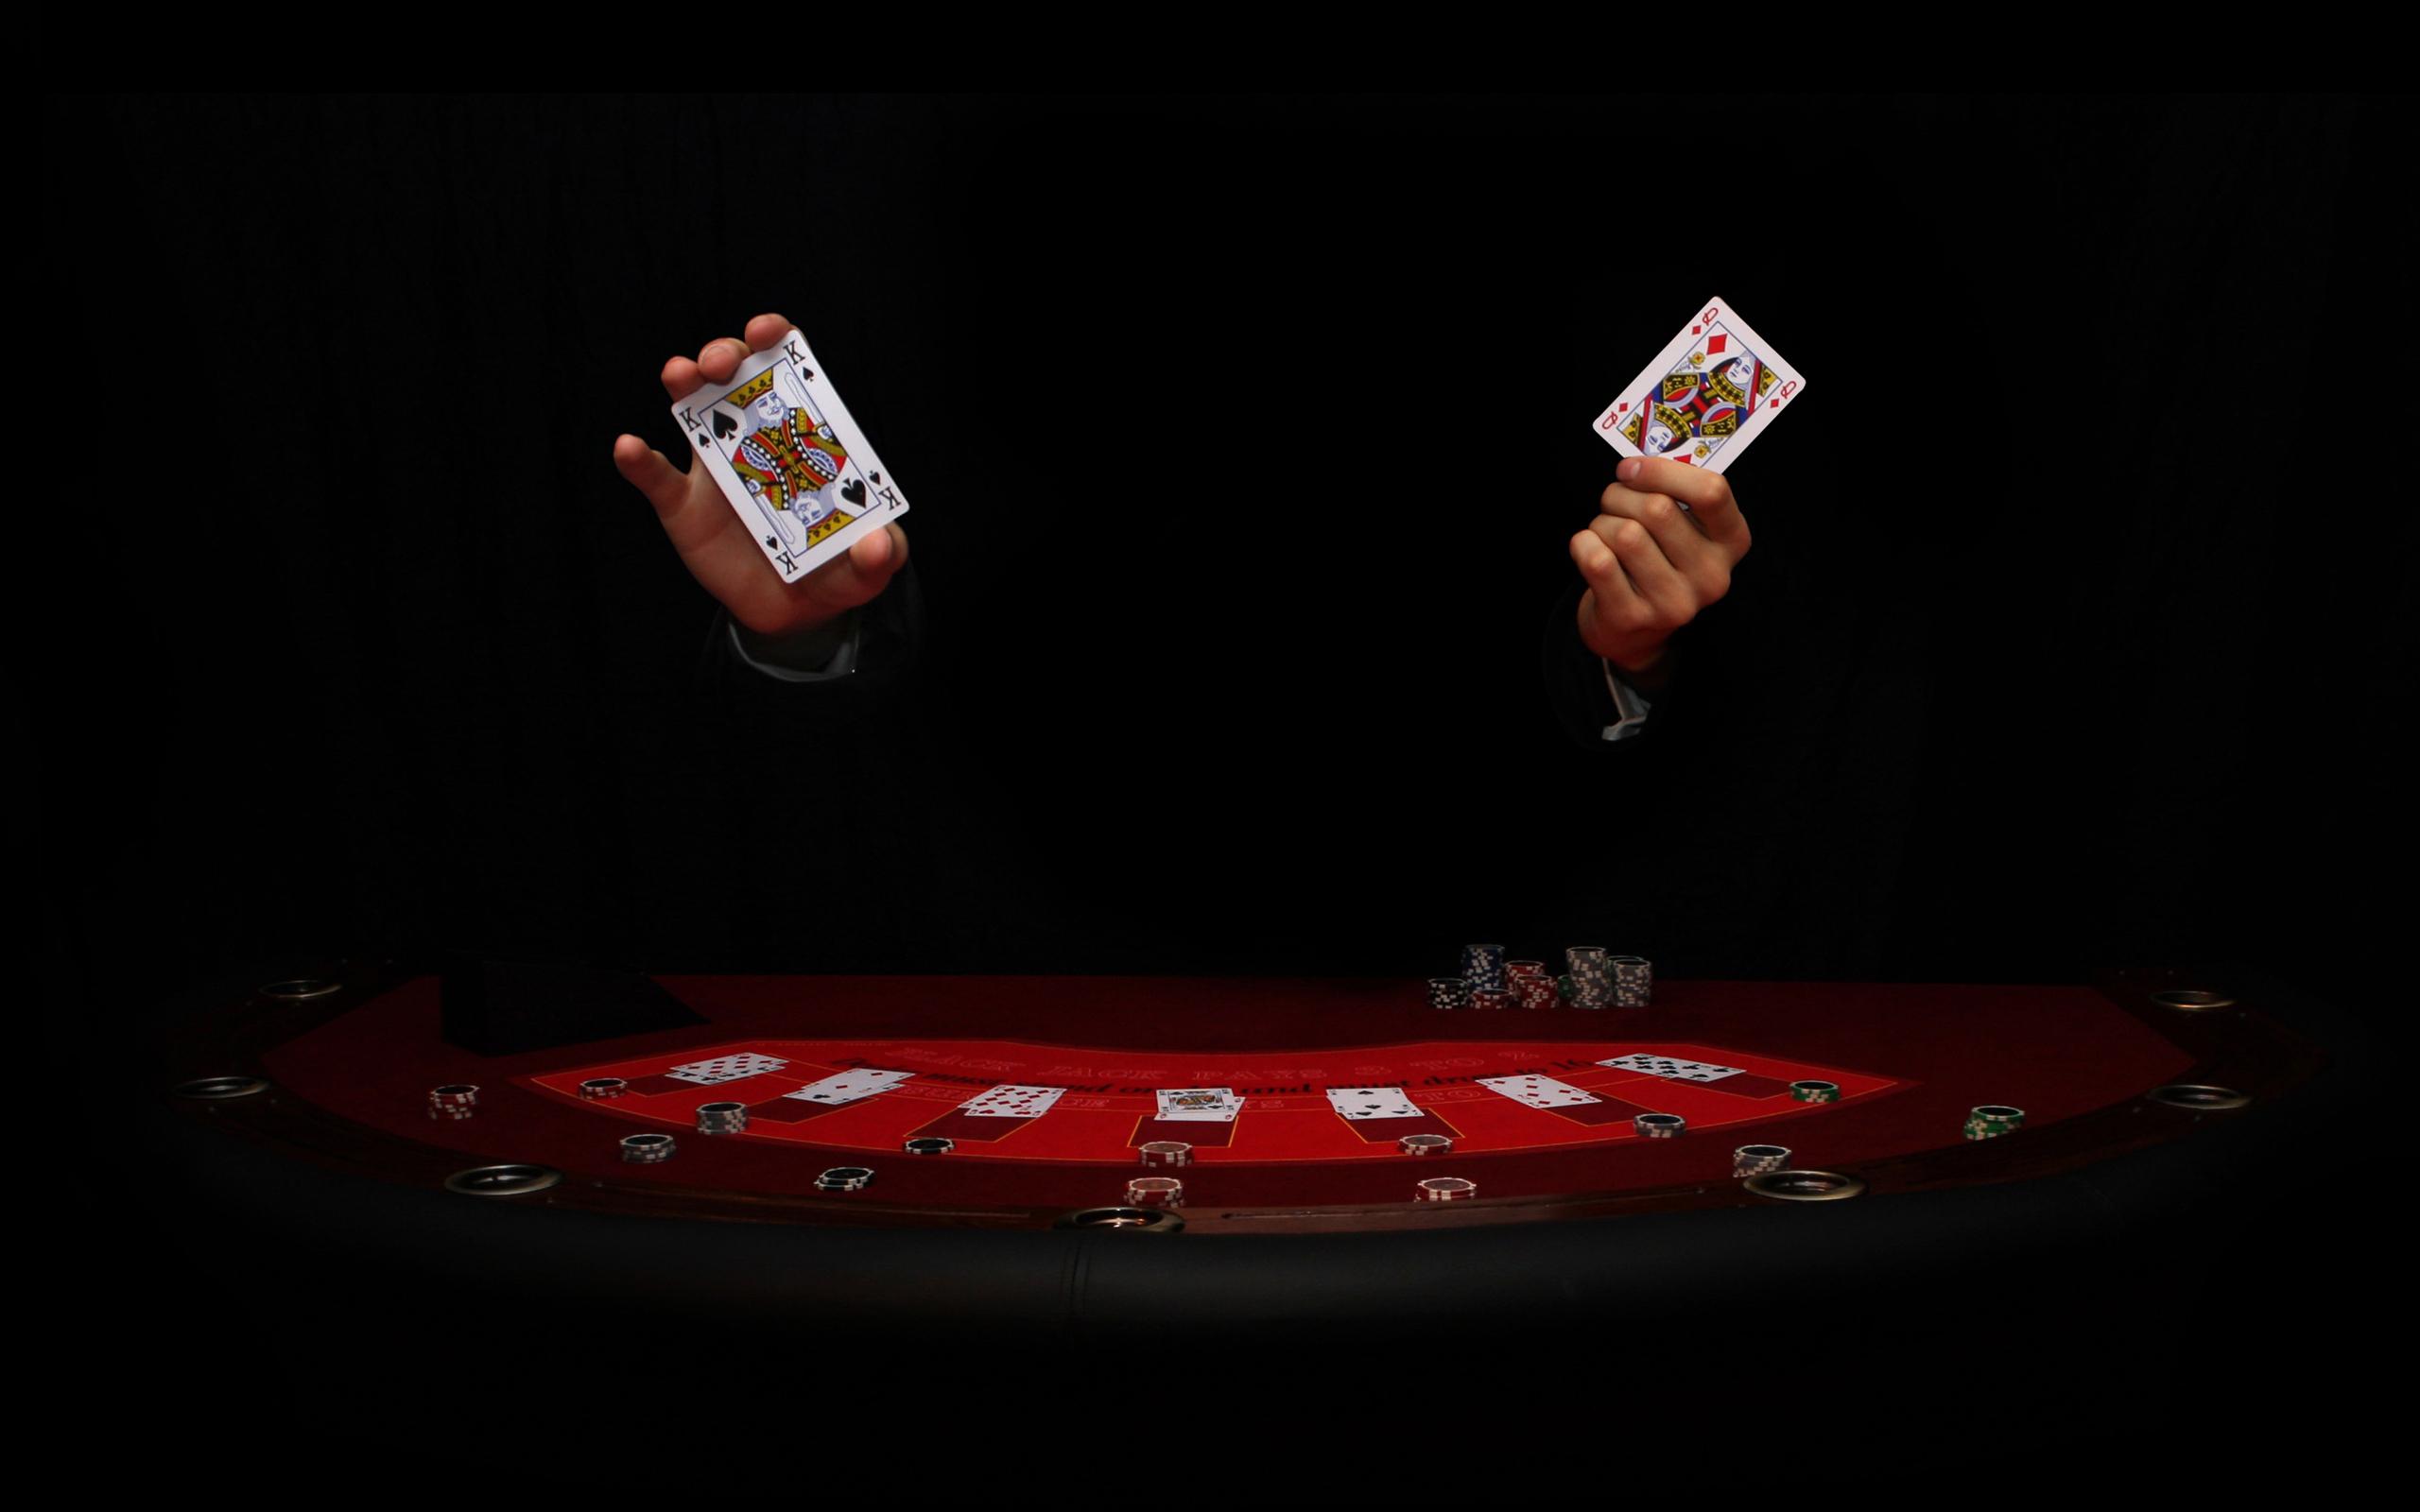 Игры онлайн рулетка клубники самп рп команды в казино